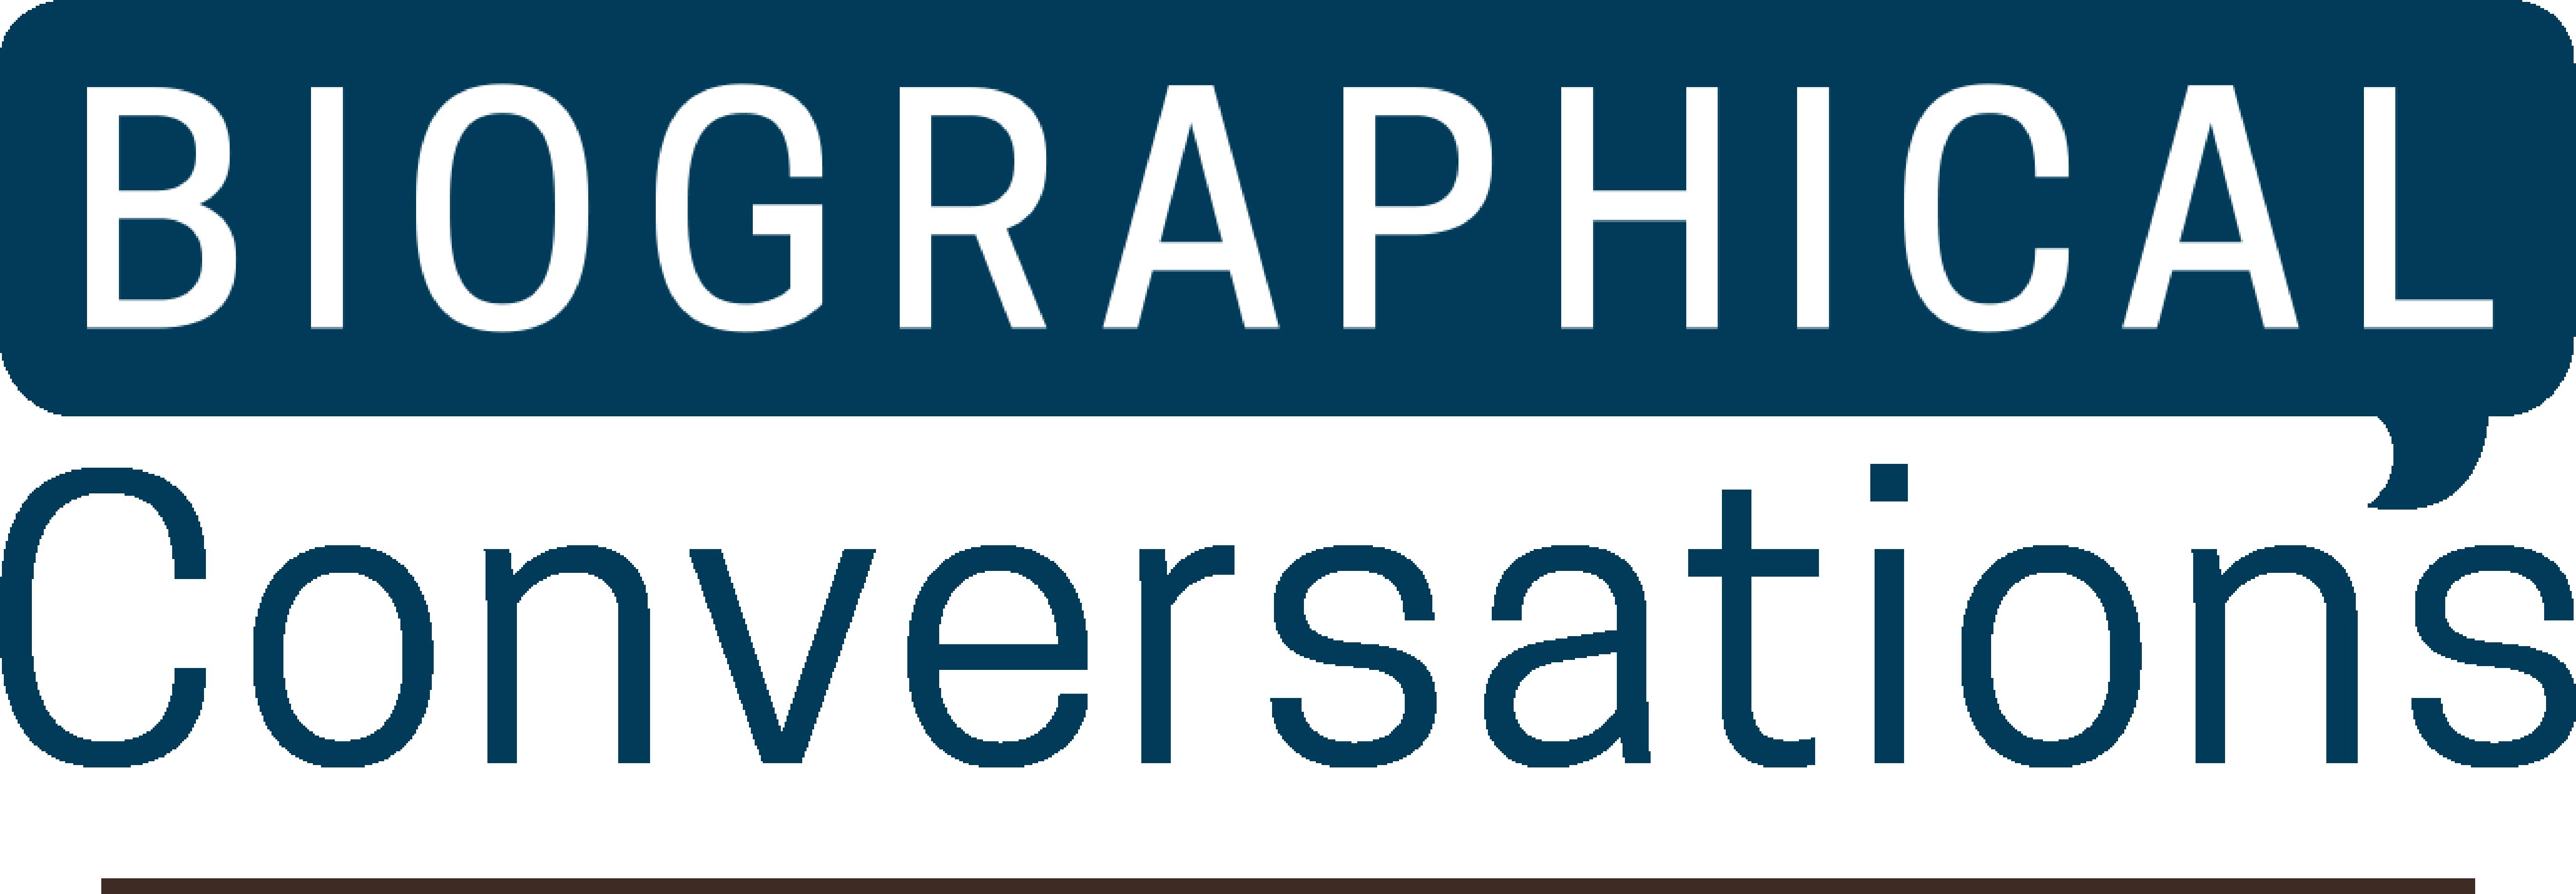 Biographical Conversation Logo